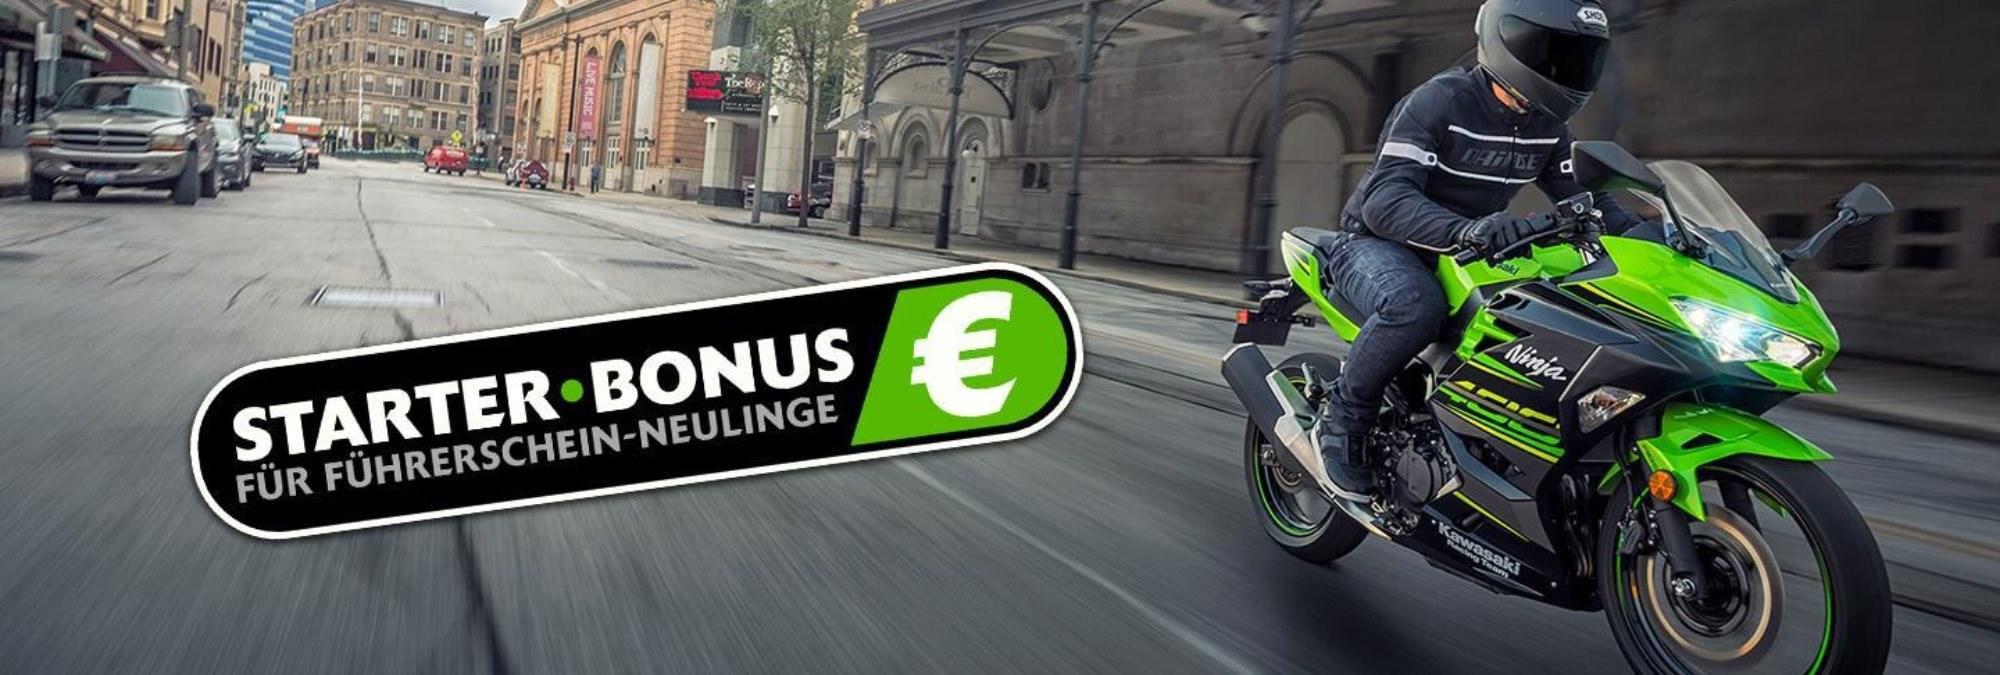 Holt Euch den Starter-Bonus von bis zu 800,- €, beim Kauf eines Neufahrzeuges.